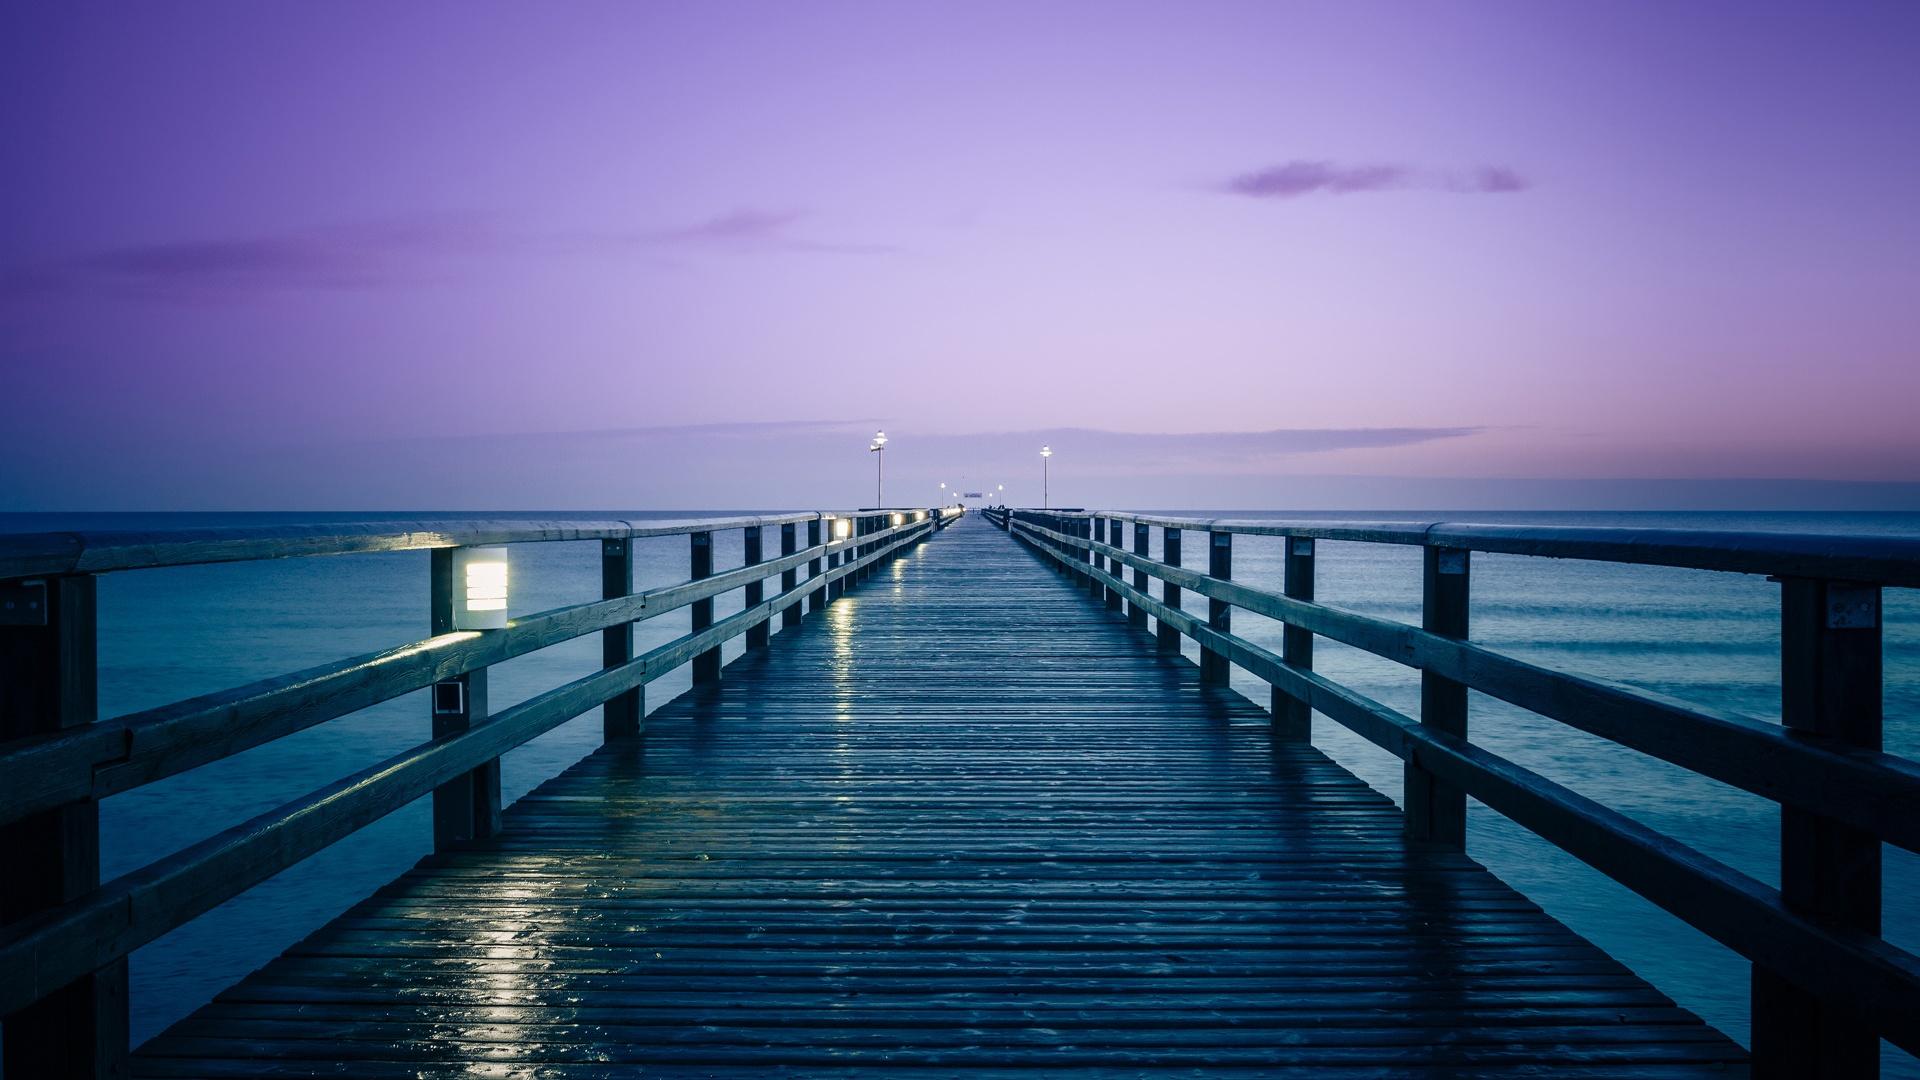 Alemania, Mar Báltico, muelle, salida del sol, mañana ...